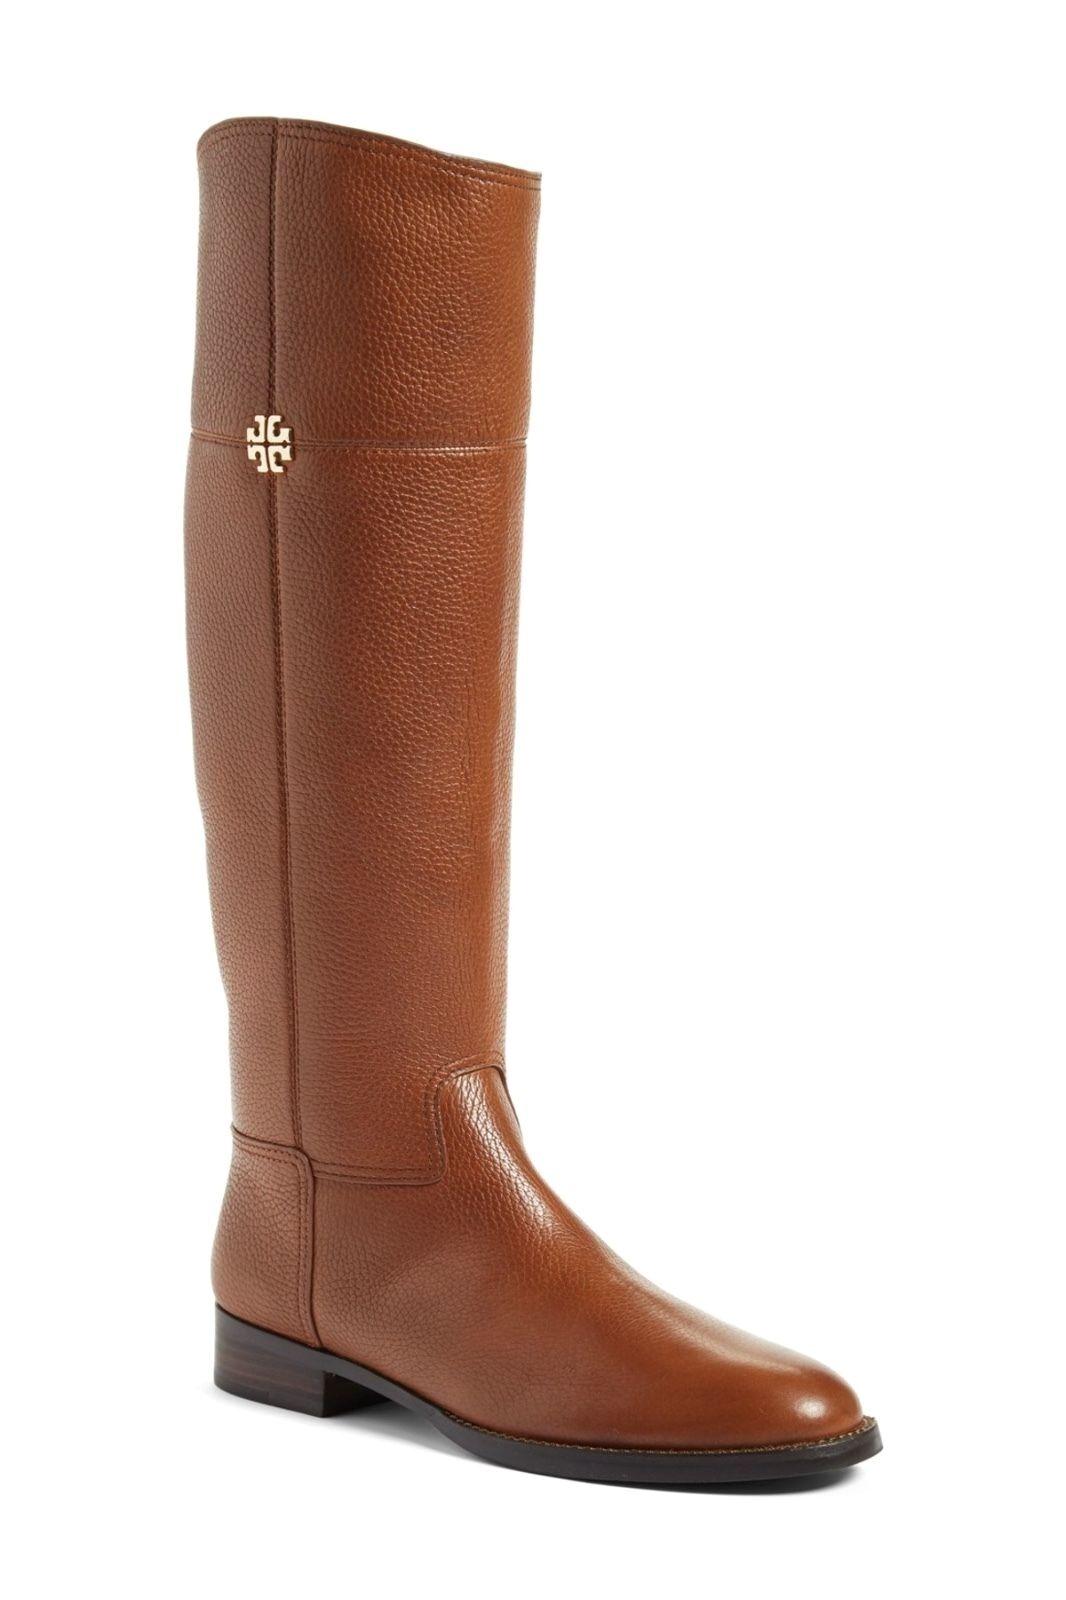 Para Para Para mujeres cuero Tory Burch 31192 Jolie botas de Montar Talla 9 Marrón Rústico  ¡no ser extrañado!